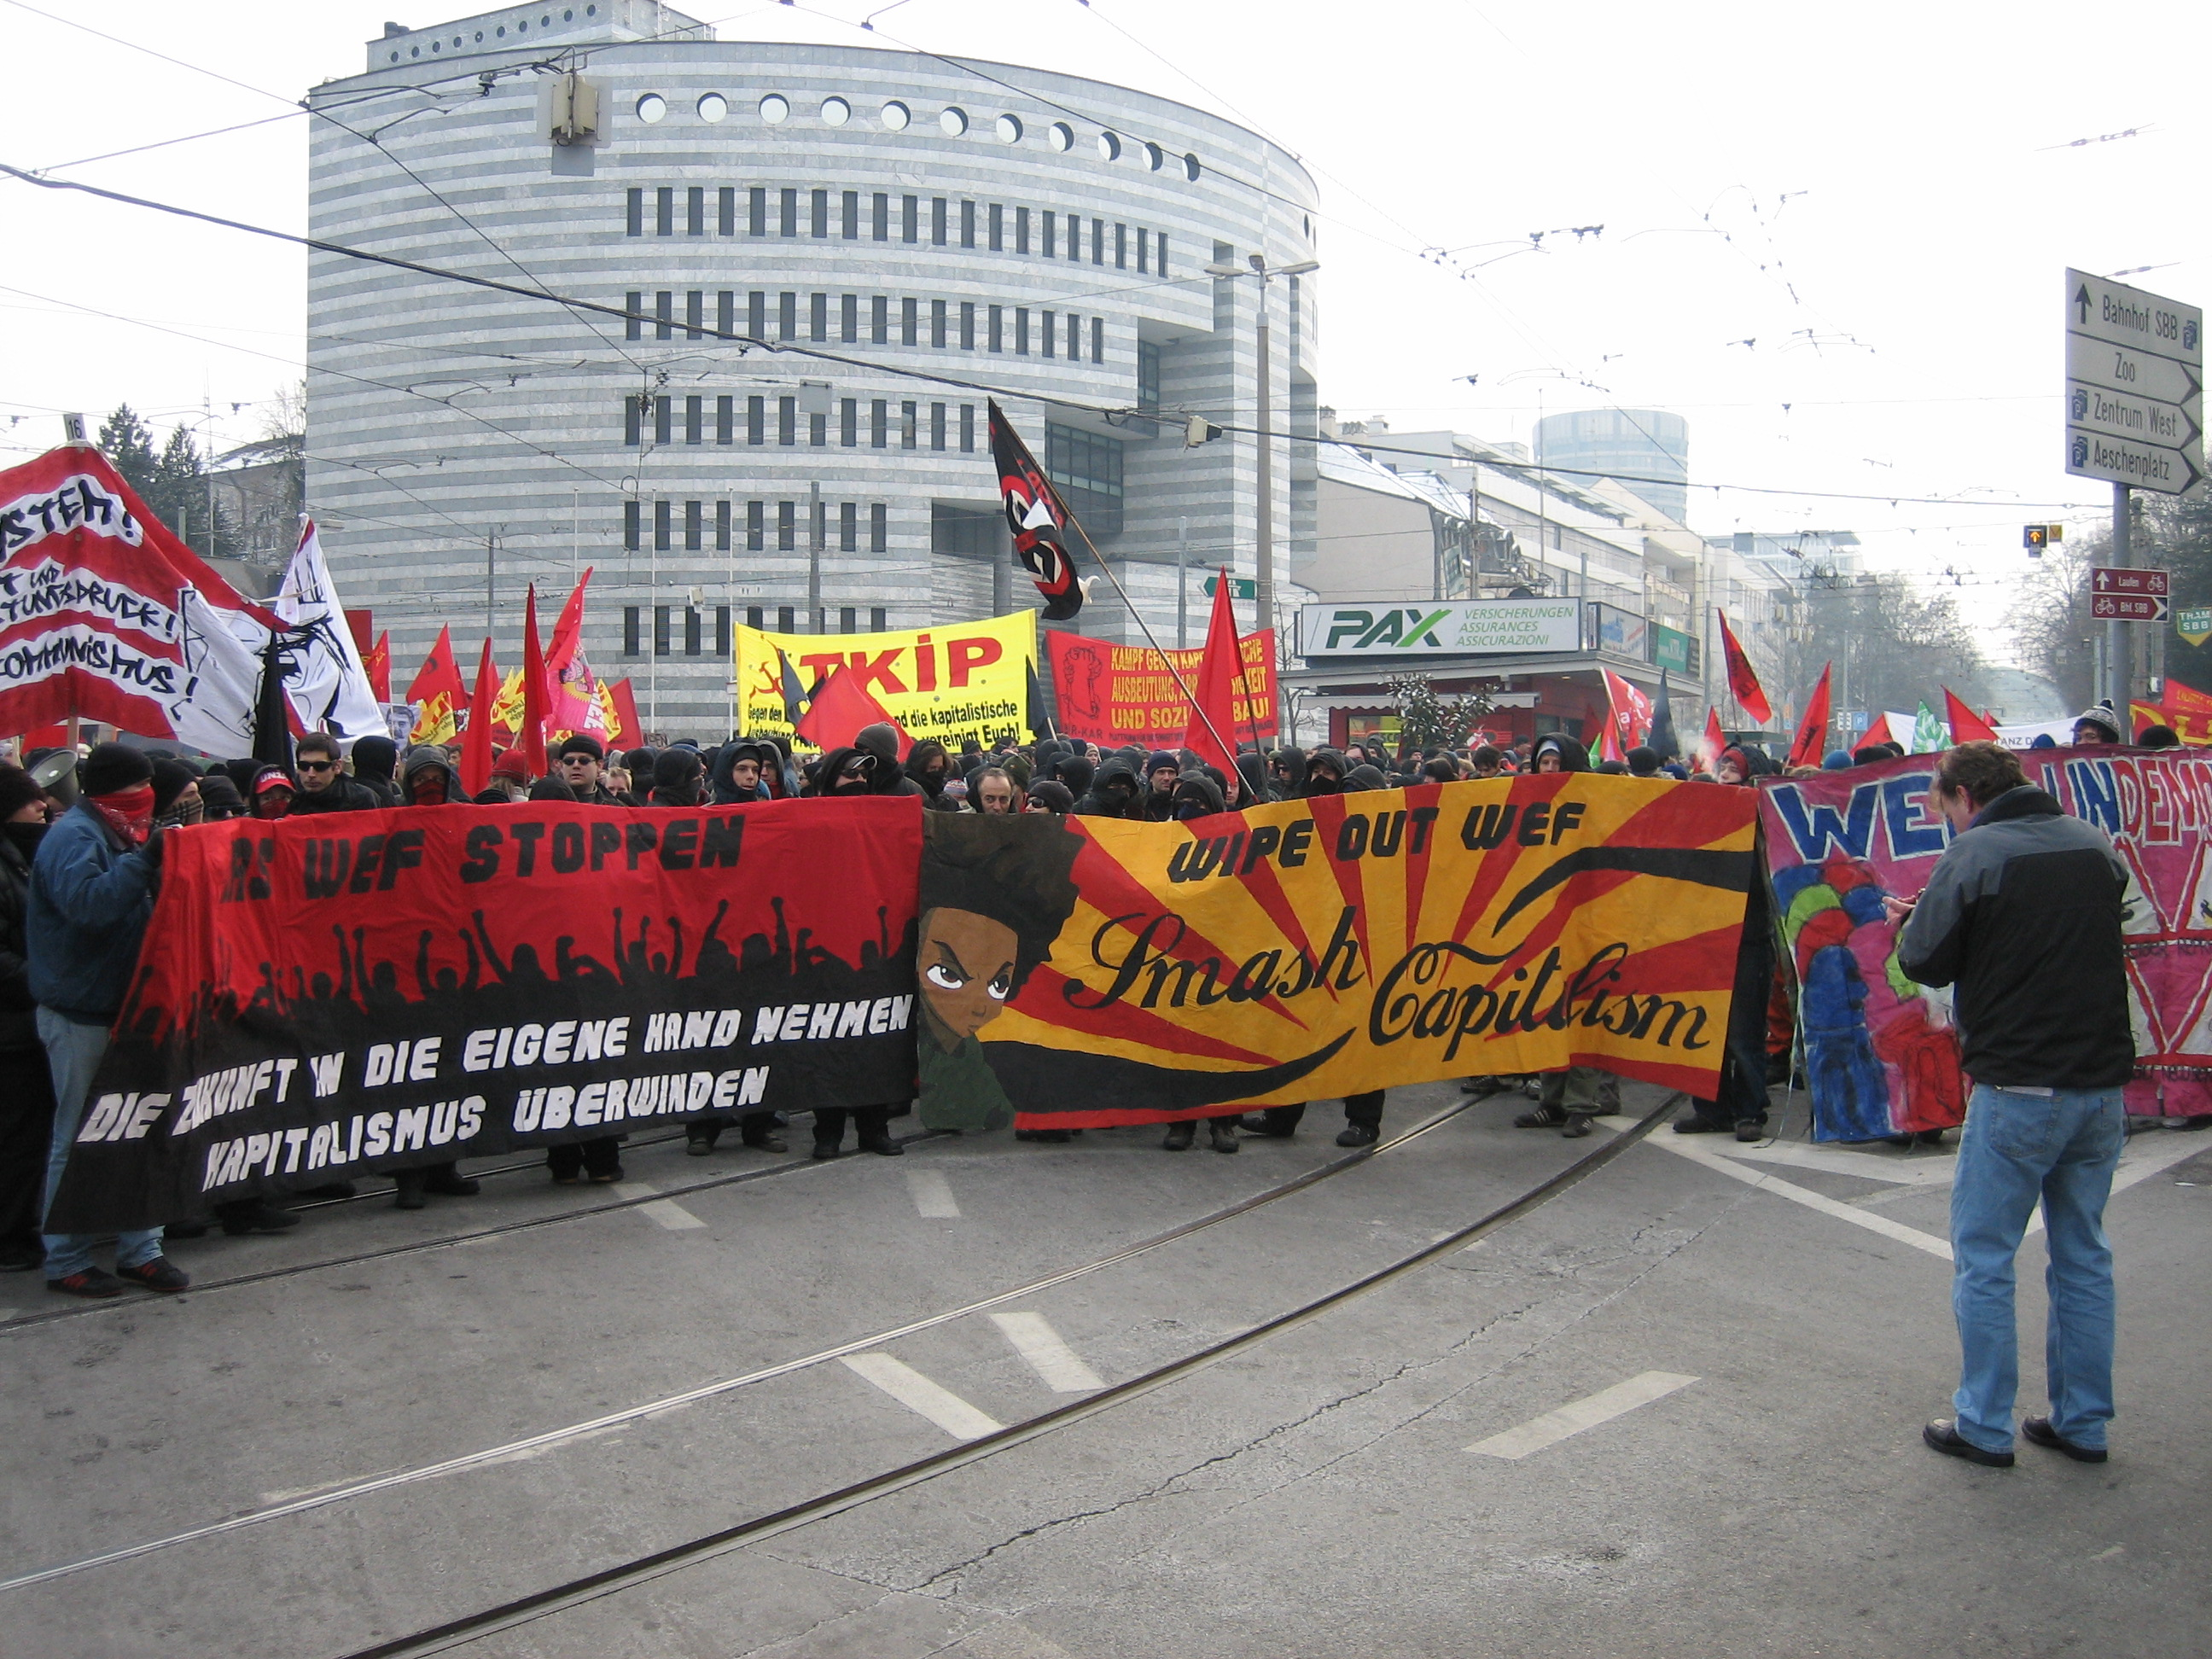 [Image: Demo-gegen-wef.jpg]